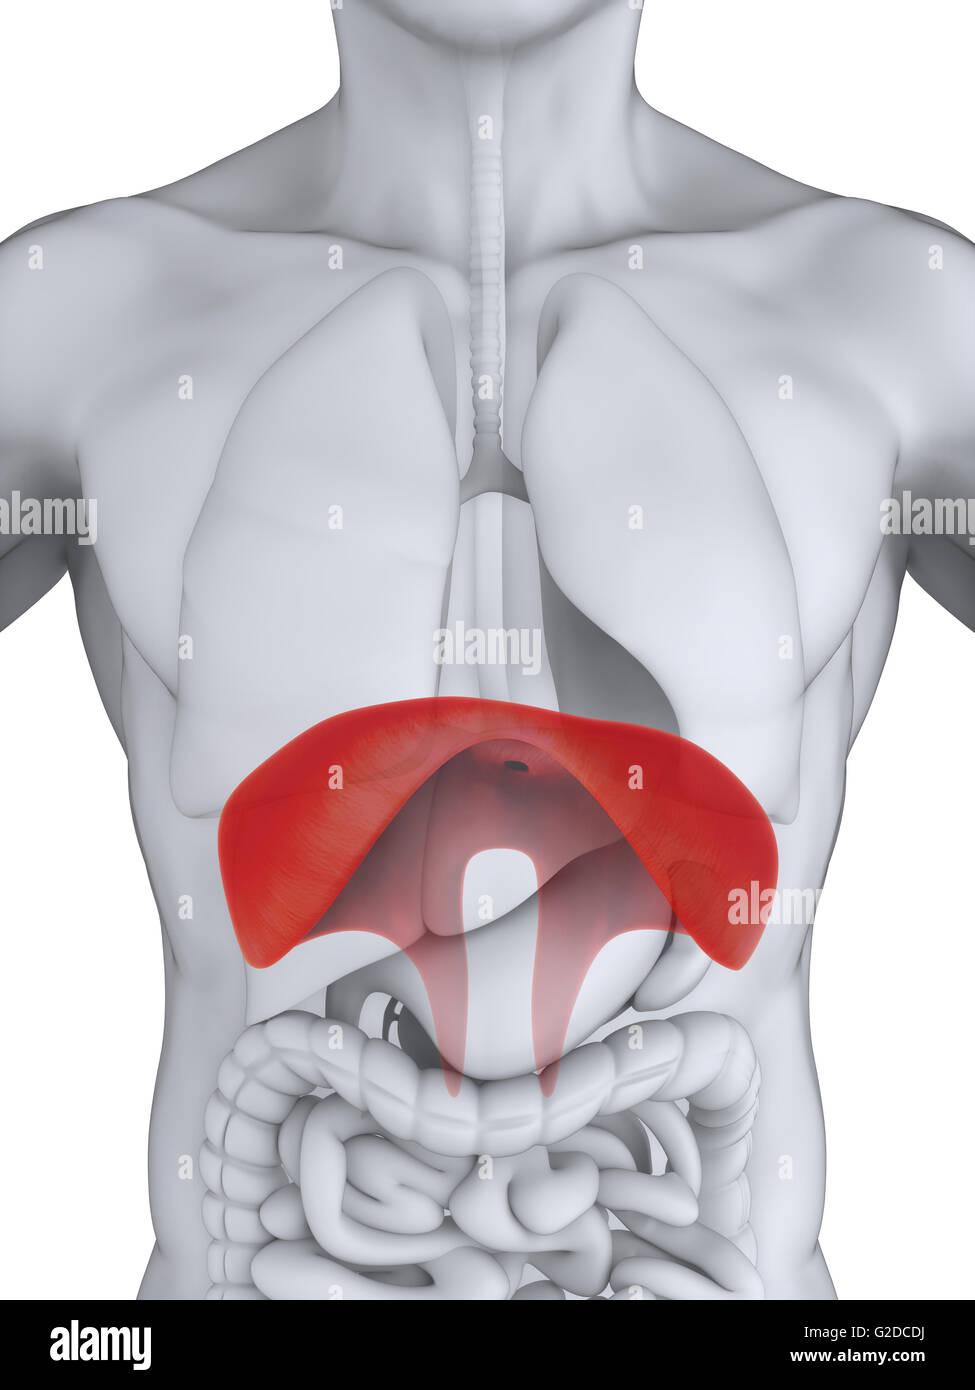 Anatomie der menschlichen Membran Stockfoto, Bild: 104786686 - Alamy